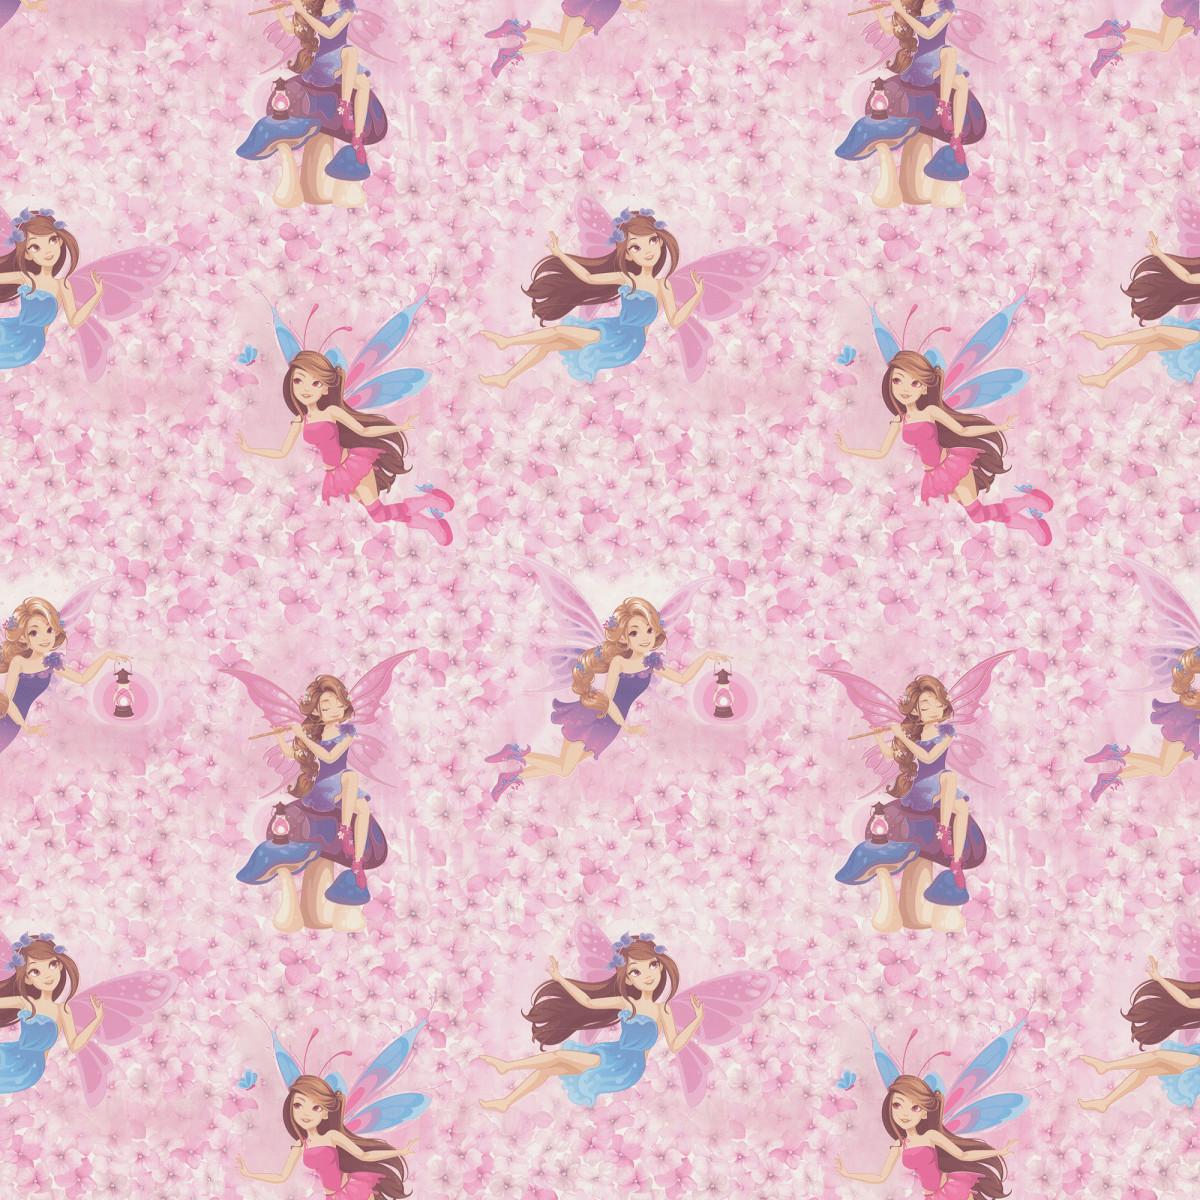 Обои флизелиновые Палитра розовые 1.06 м PL71240-15